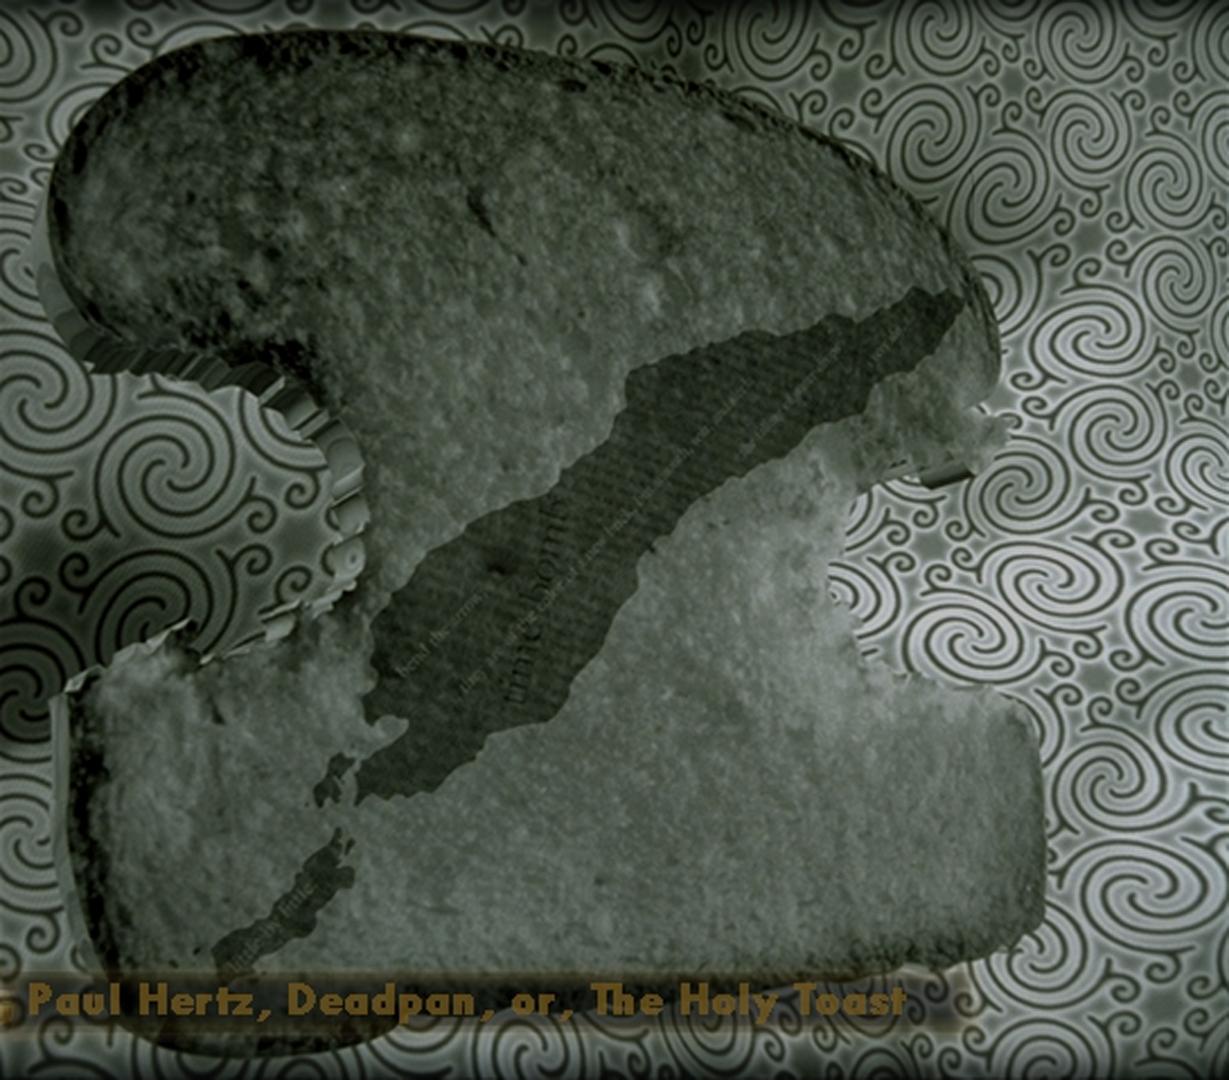 ©, Paul Hertz, Deadpan, or The Holy Toast